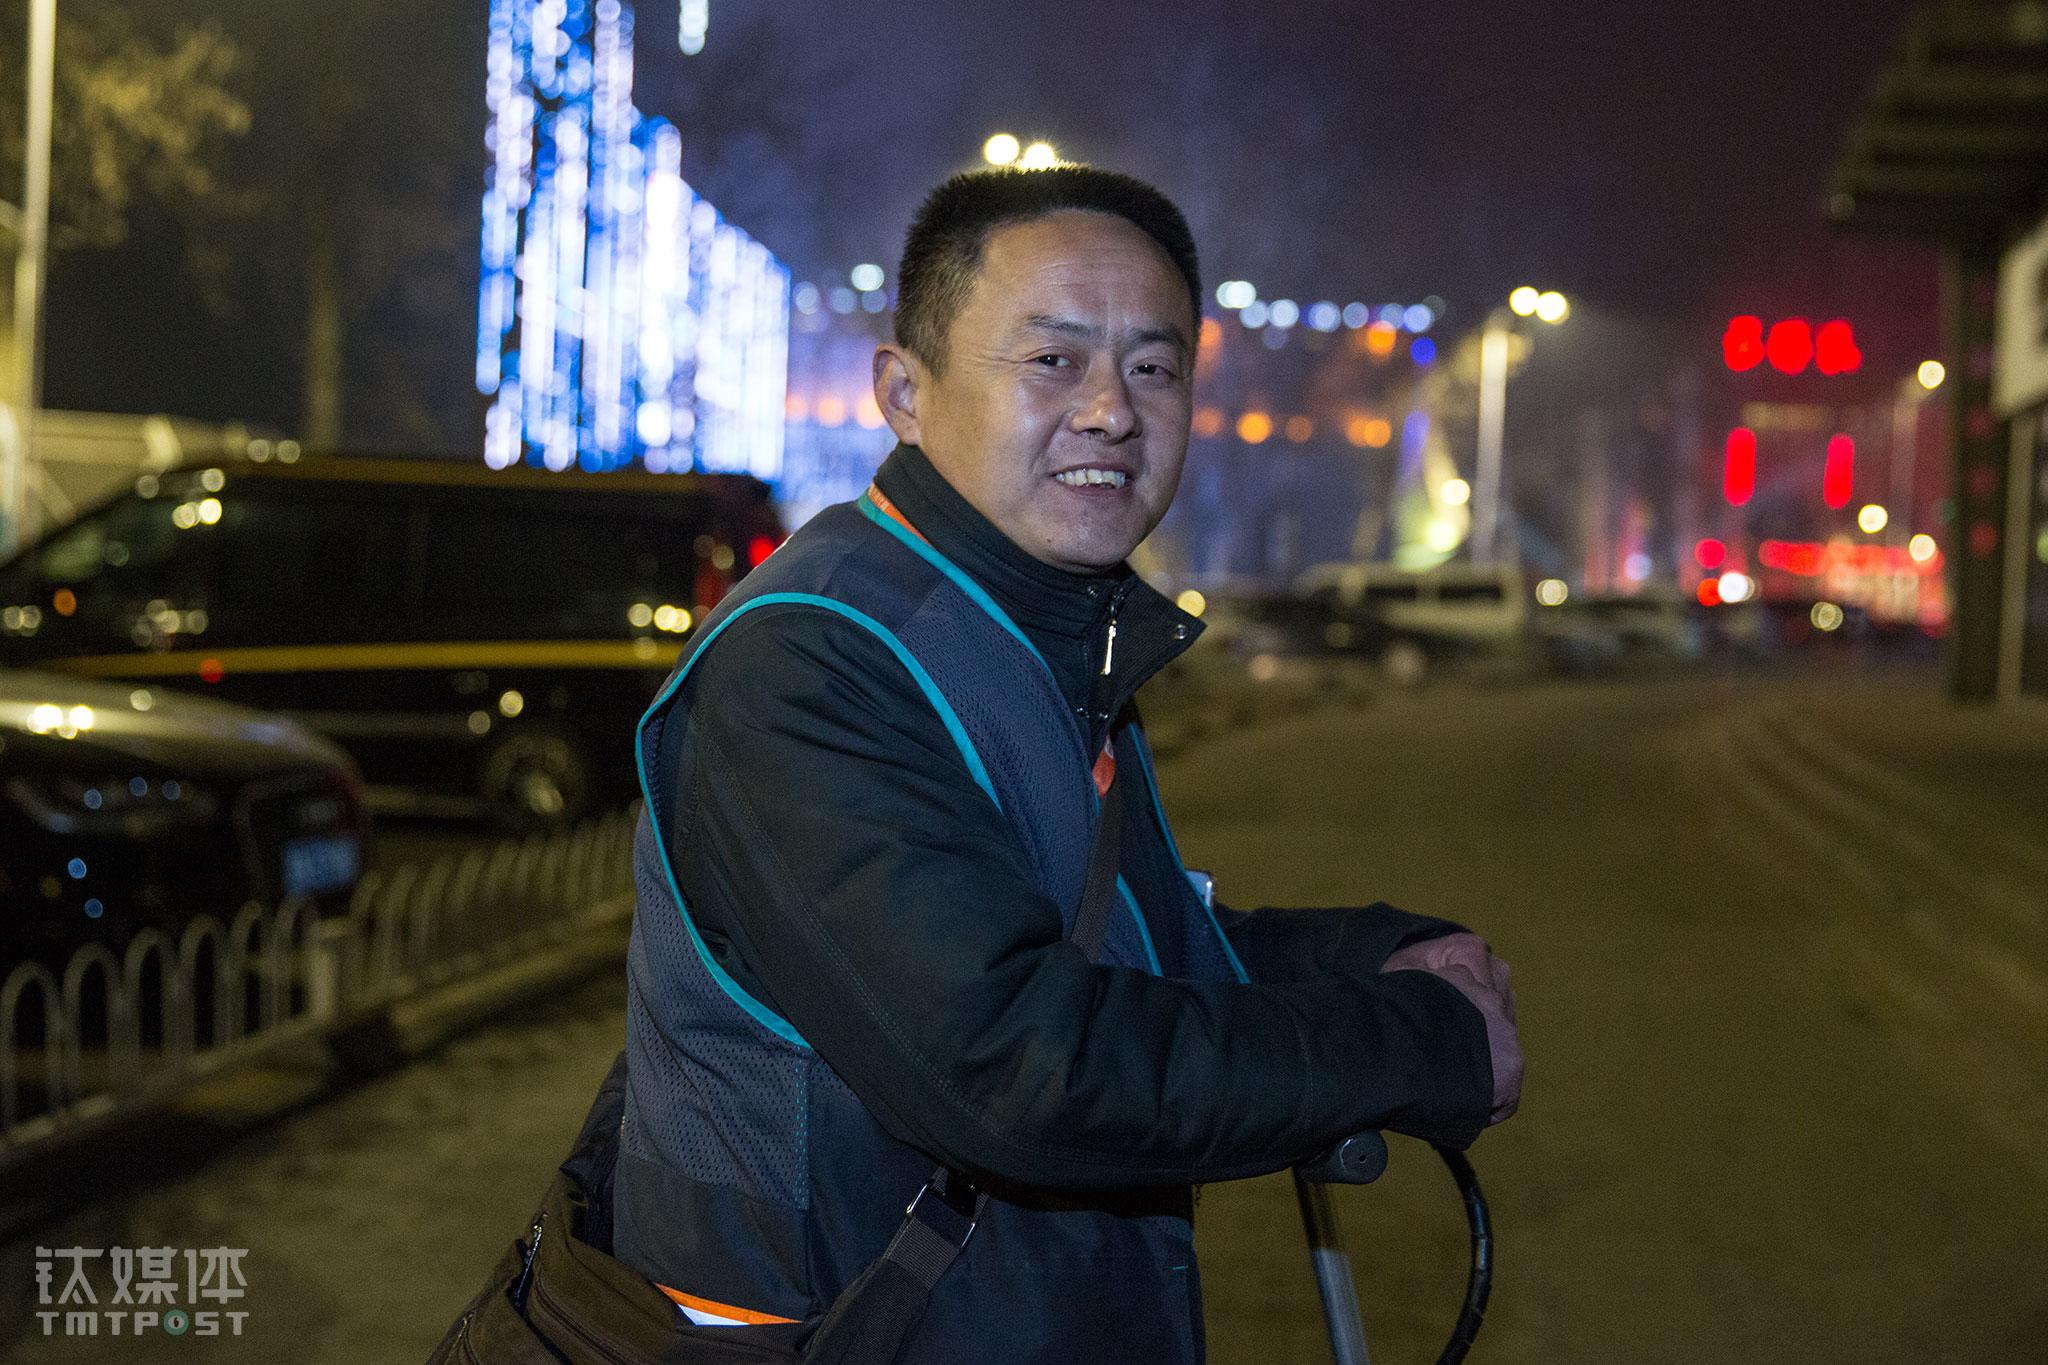 2016年3月16日,代驾员张师傅在北京工体外等待接单。他每天从晚上7点工作到第二天凌晨5点,有时候为了等一单,要在街边站两个小时。在《代驾一族的「午夜人生」》中,张师傅聊起自己曾被一名客人欠了300块钱,催了很久没催回。